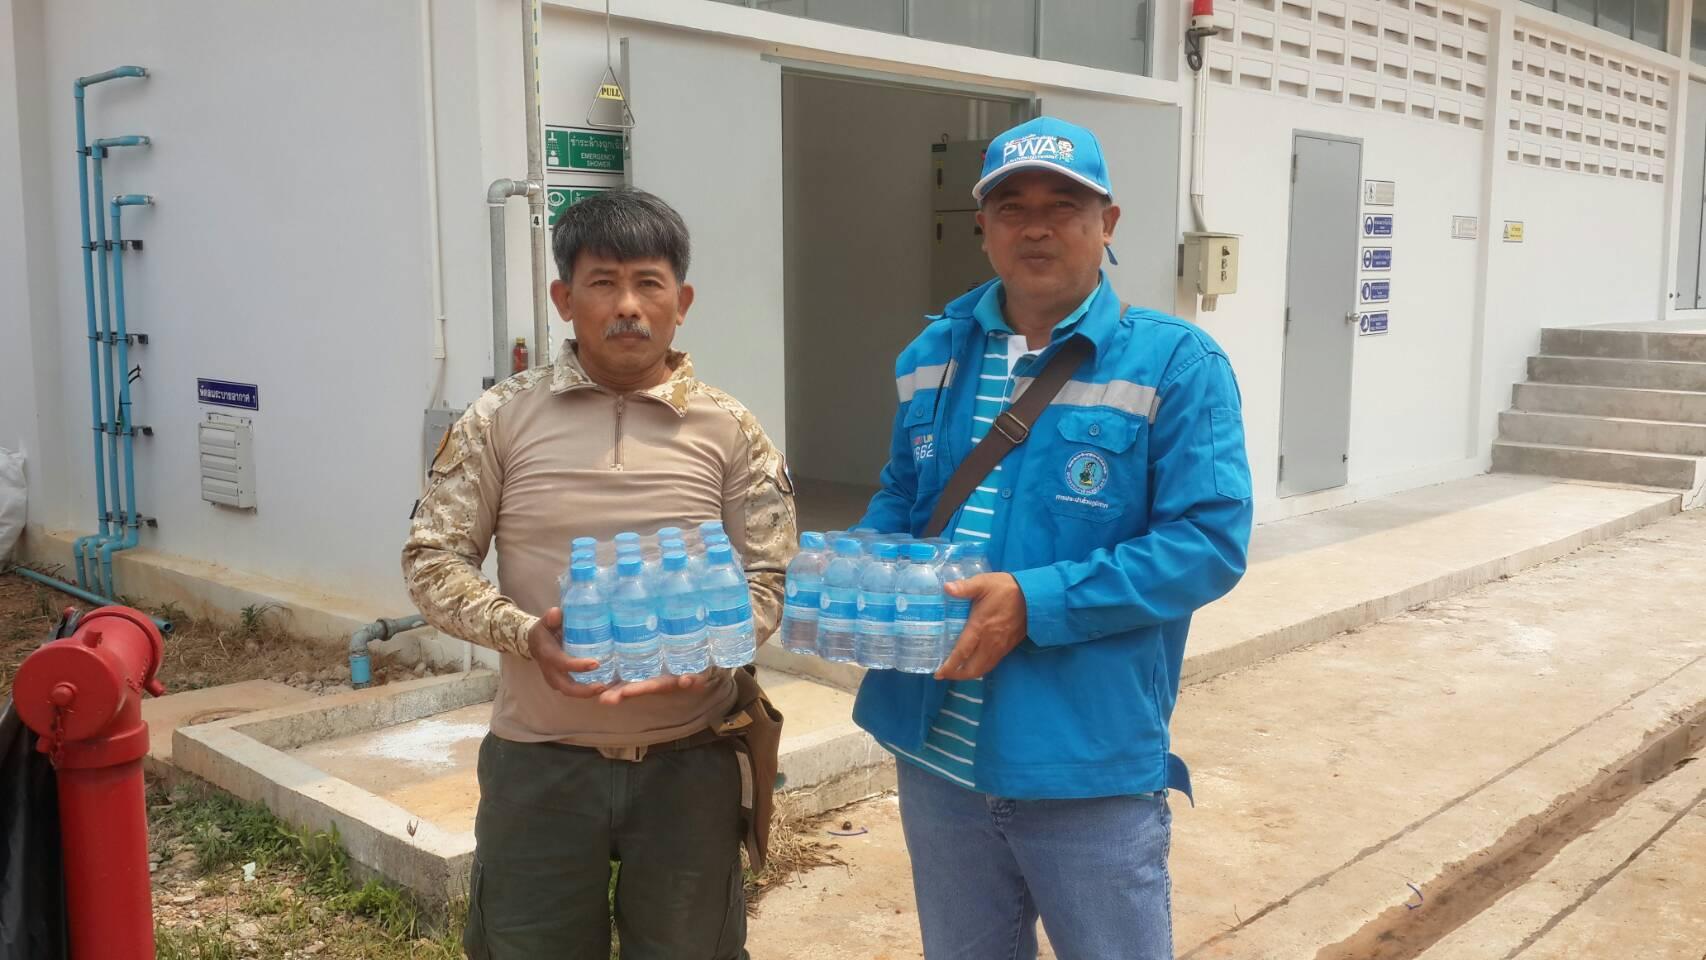 กปภ.สาขาคลองใหญ่ นำโดยนายพินิจ ศิลาแลง ได้มอบหมายให้ นายกะเสษฐ ชอบชูผล หัวหน้างานผลิต มอบน้ำดื่มบรรจุขวด จำนวน 240 ขวดให้แก่เจ้าหน้าที่ป่าชุมชนและประชาชนบ้านท่าเส้น ต.แหลมกลัด อ.เมือง จ.ตราด